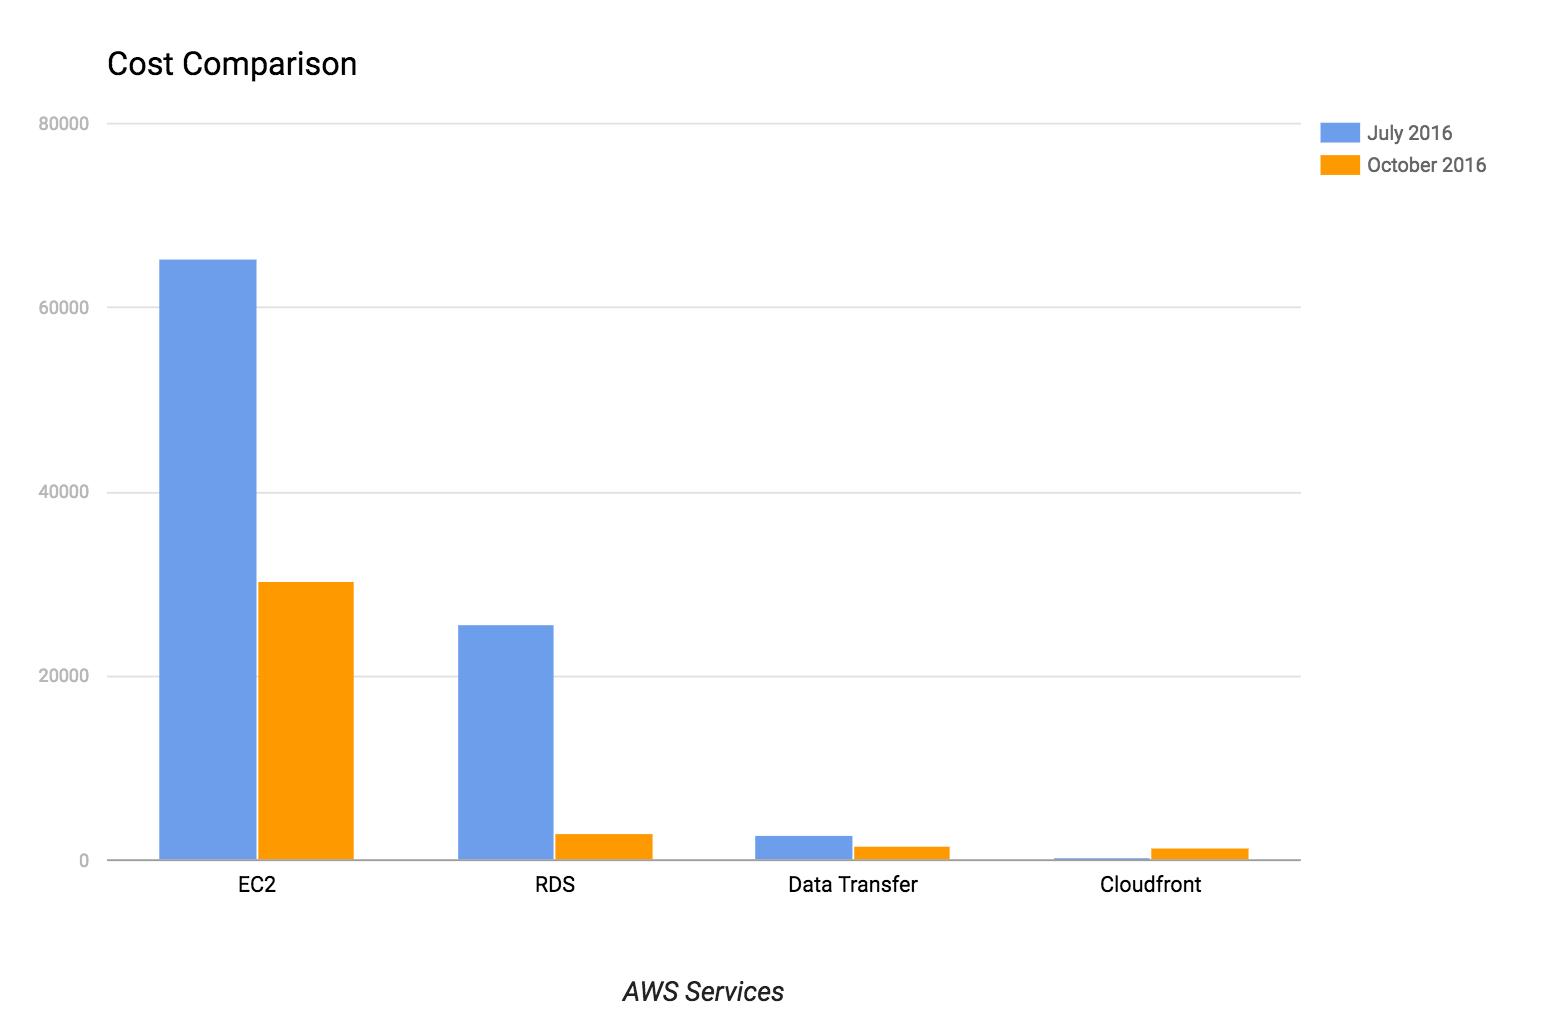 AWS Cost Comparison